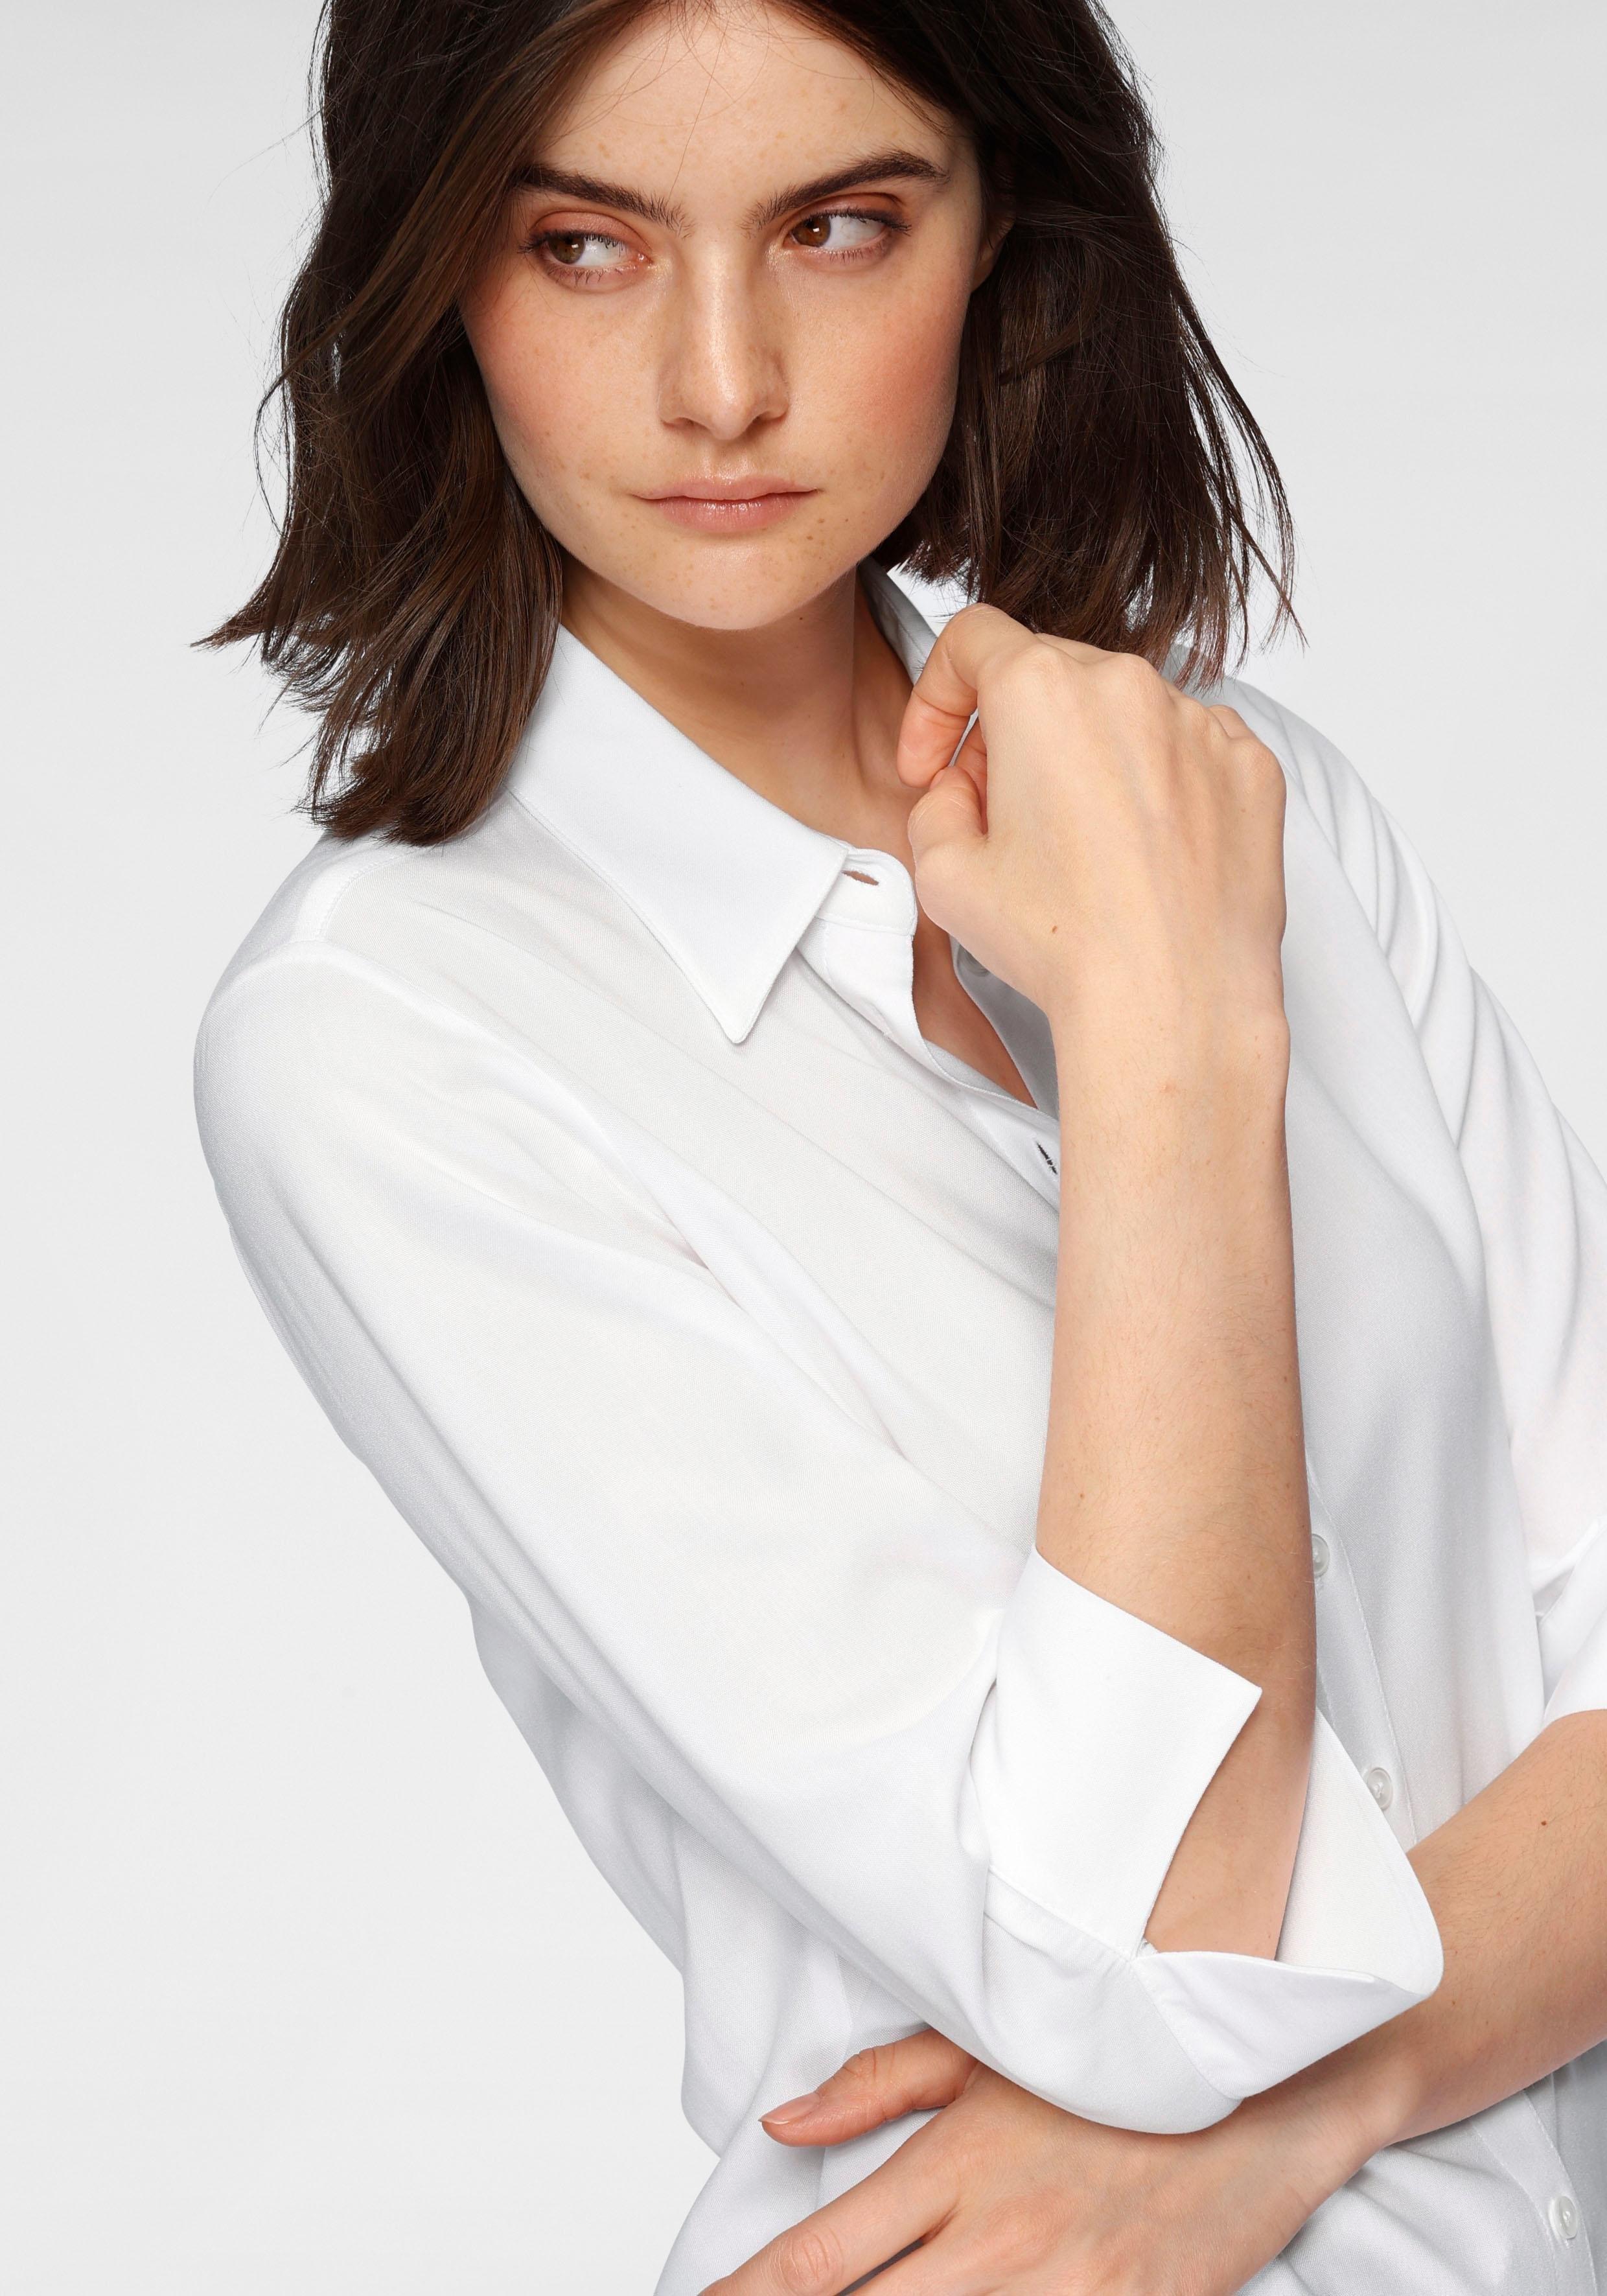 Otto Products klassieke blouse bestellen: 30 dagen bedenktijd